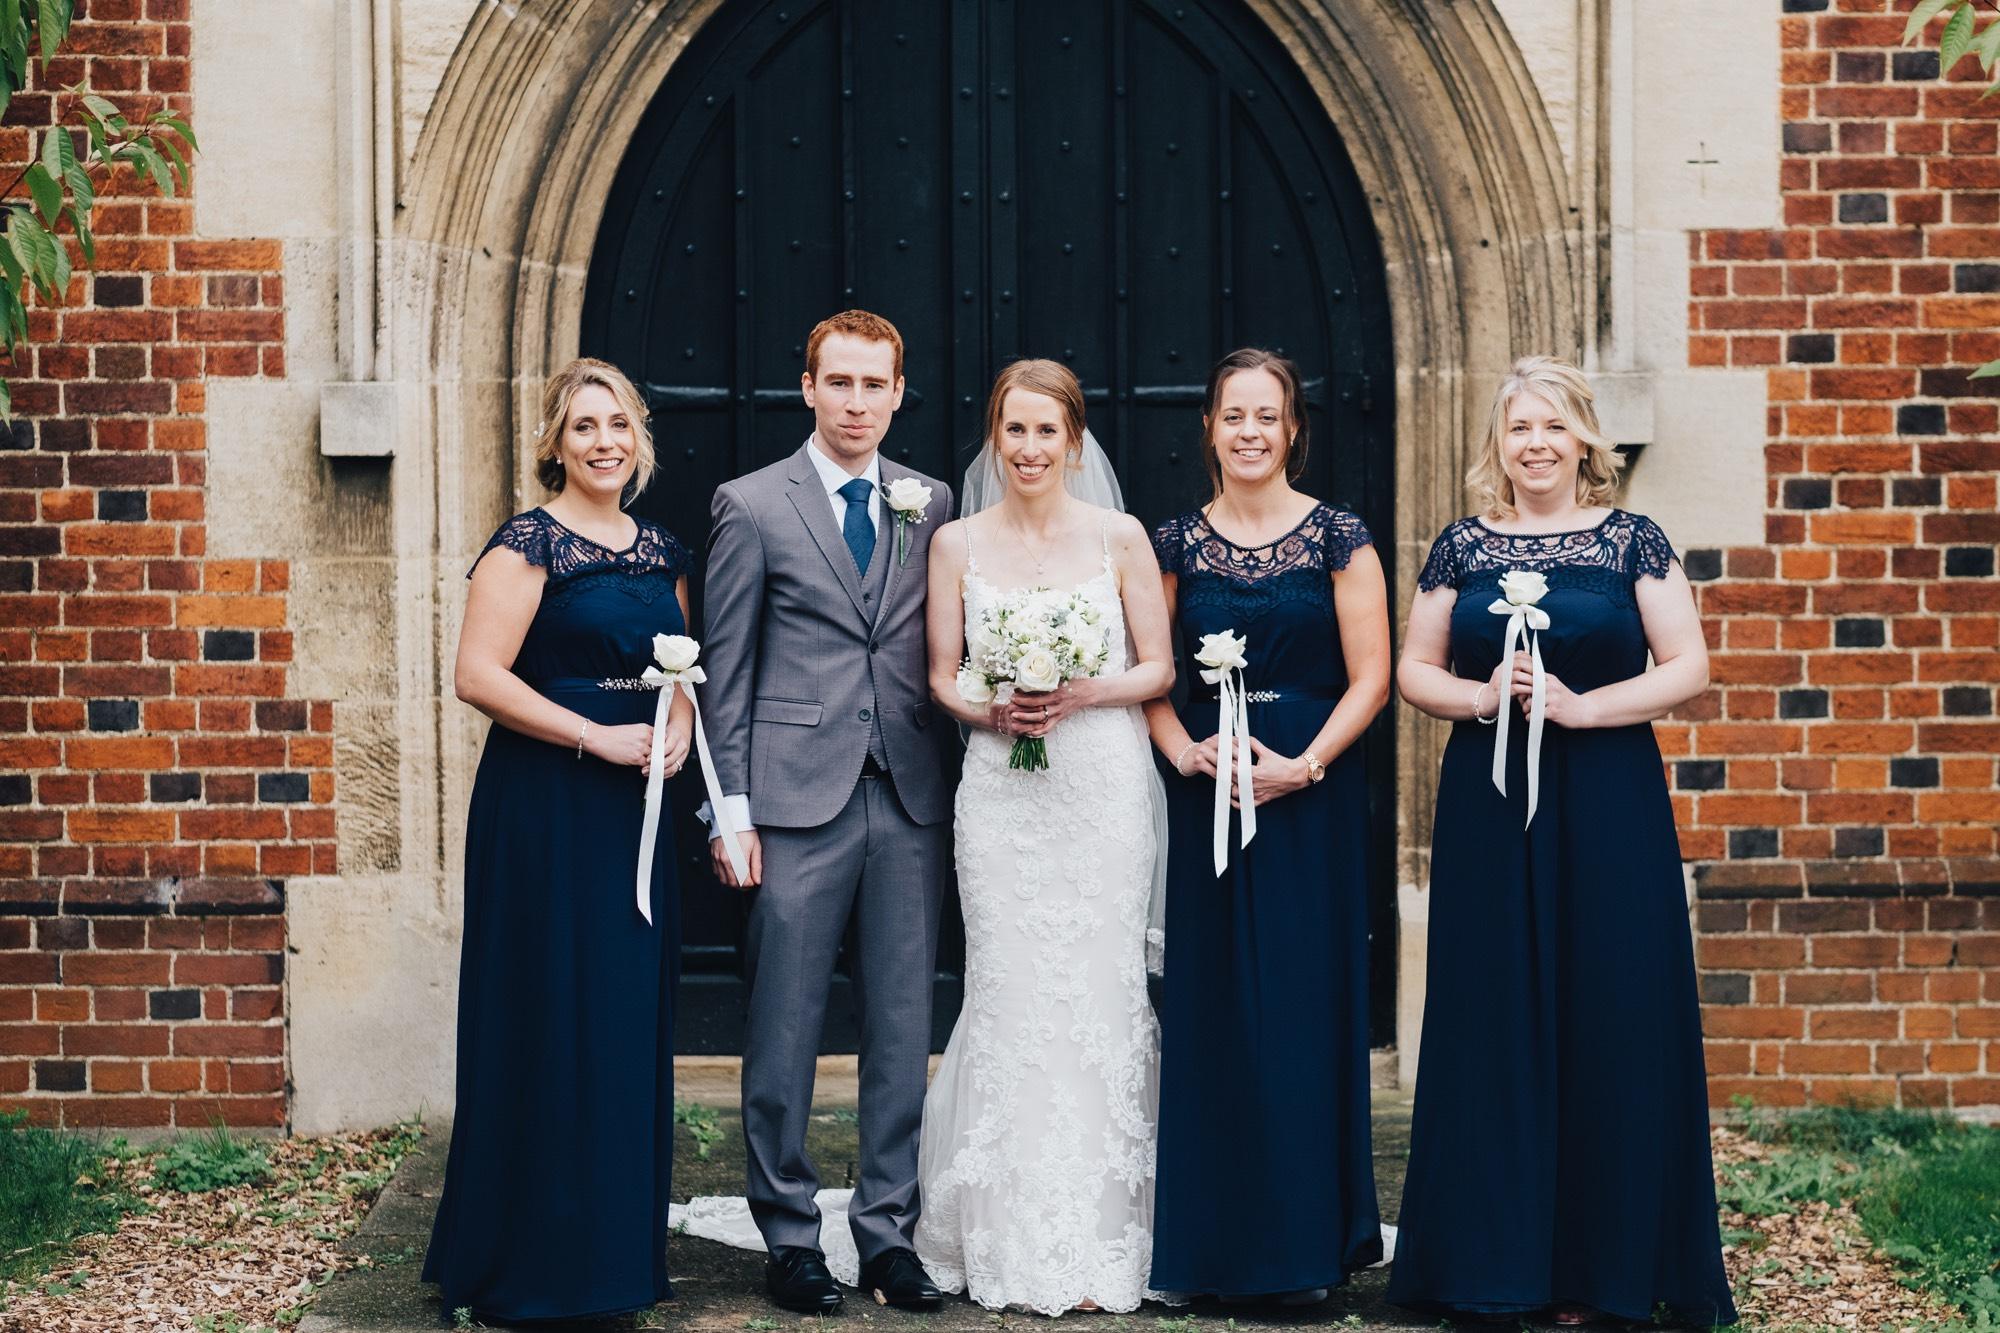 Weddings – Flourishing Temple